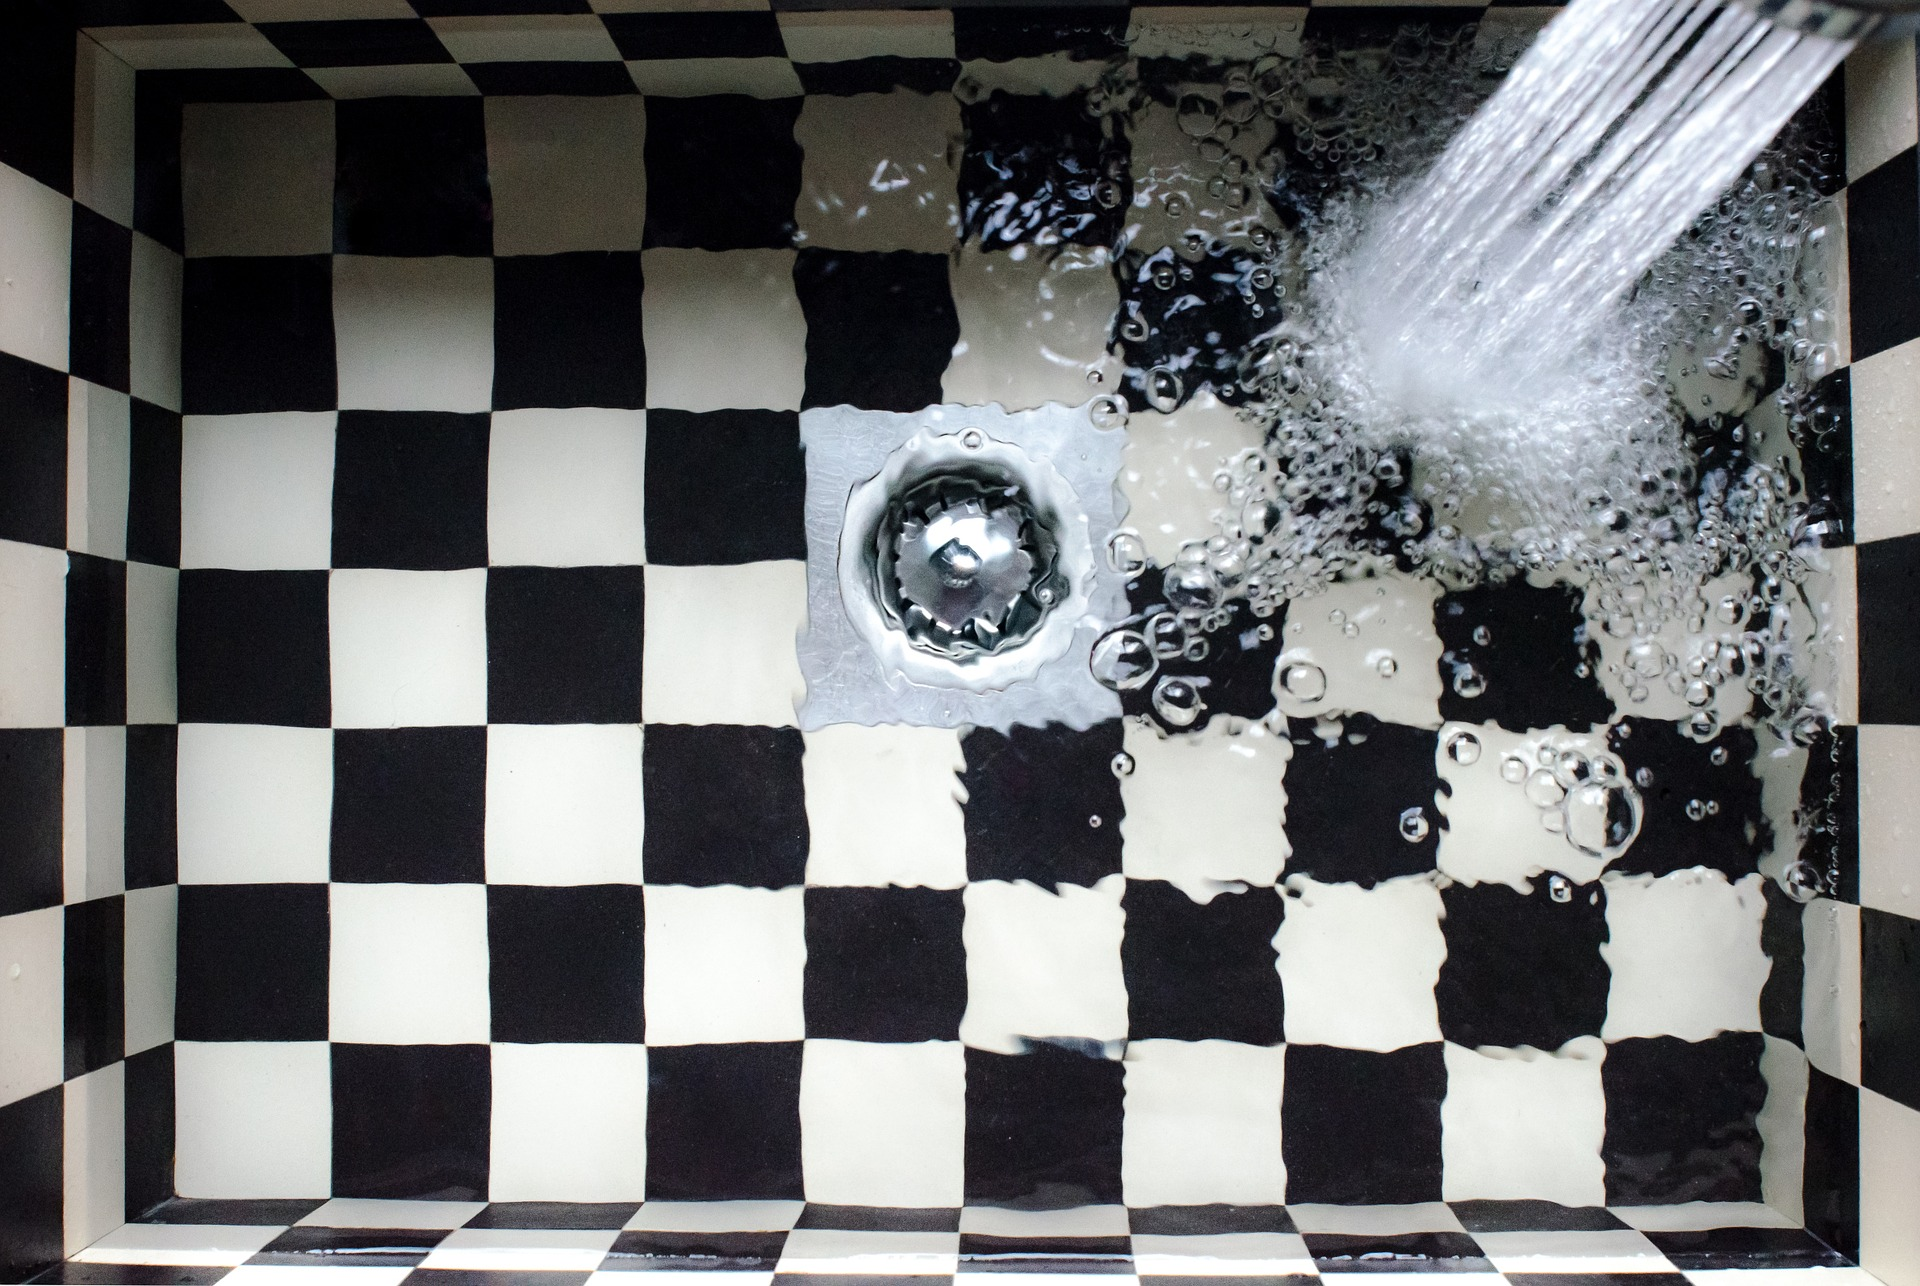 arreglos en desatascos en desagües